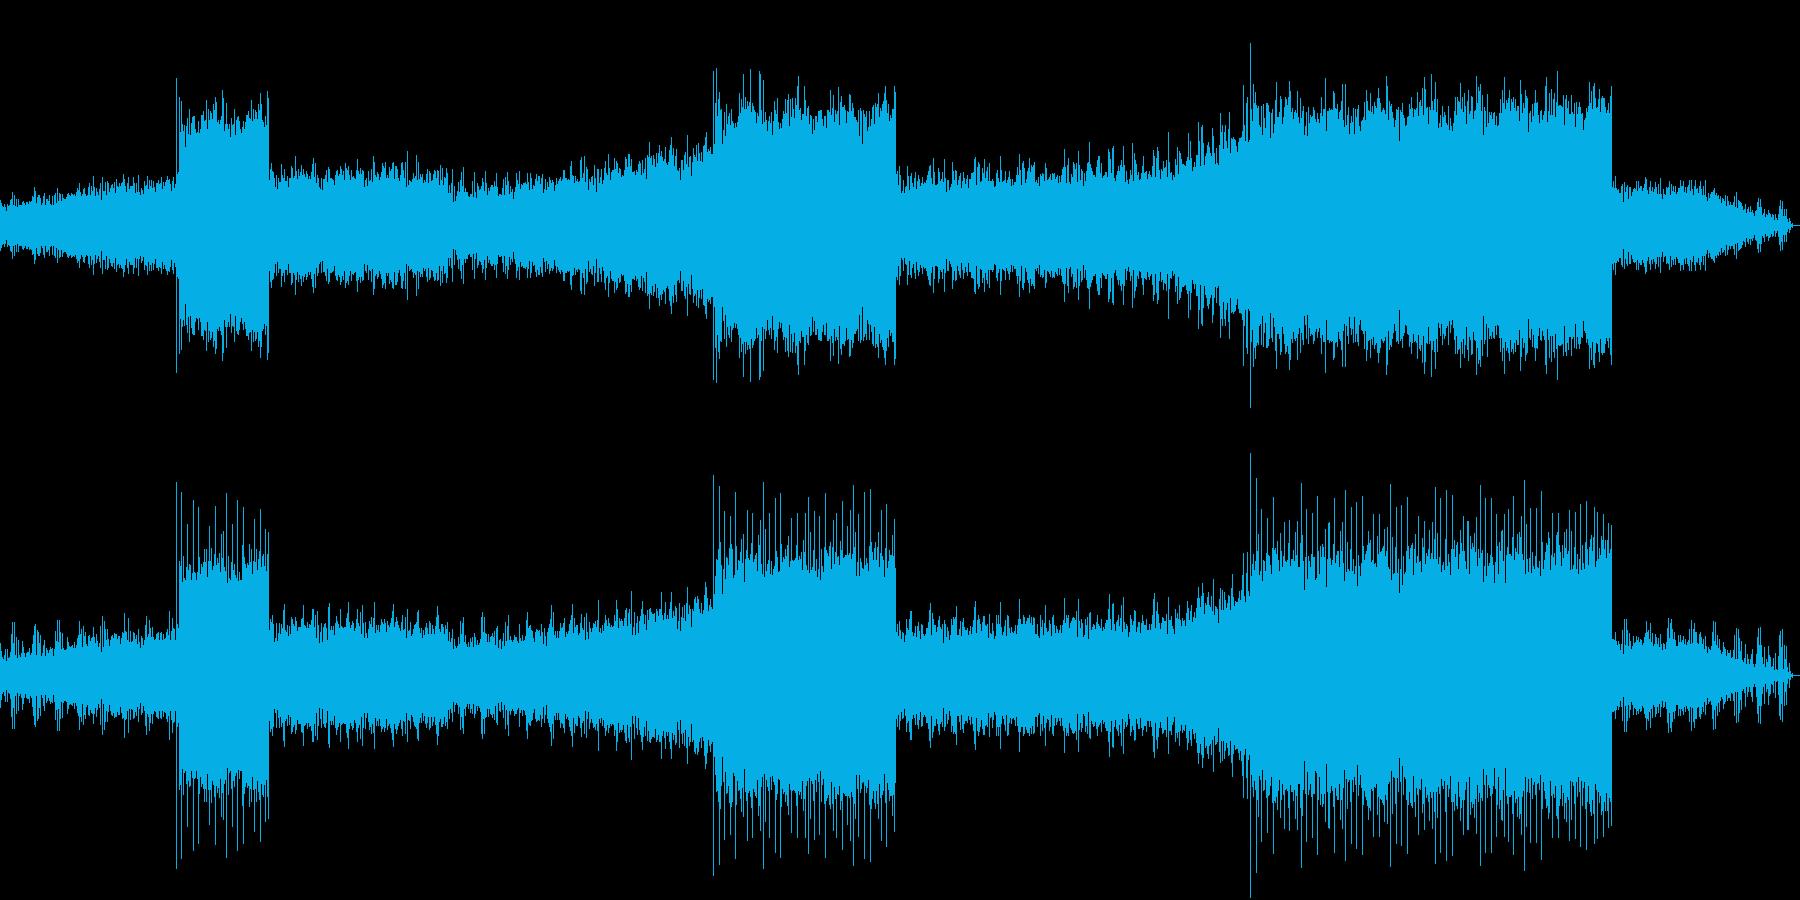 無機質でメロディアスなEDMの再生済みの波形